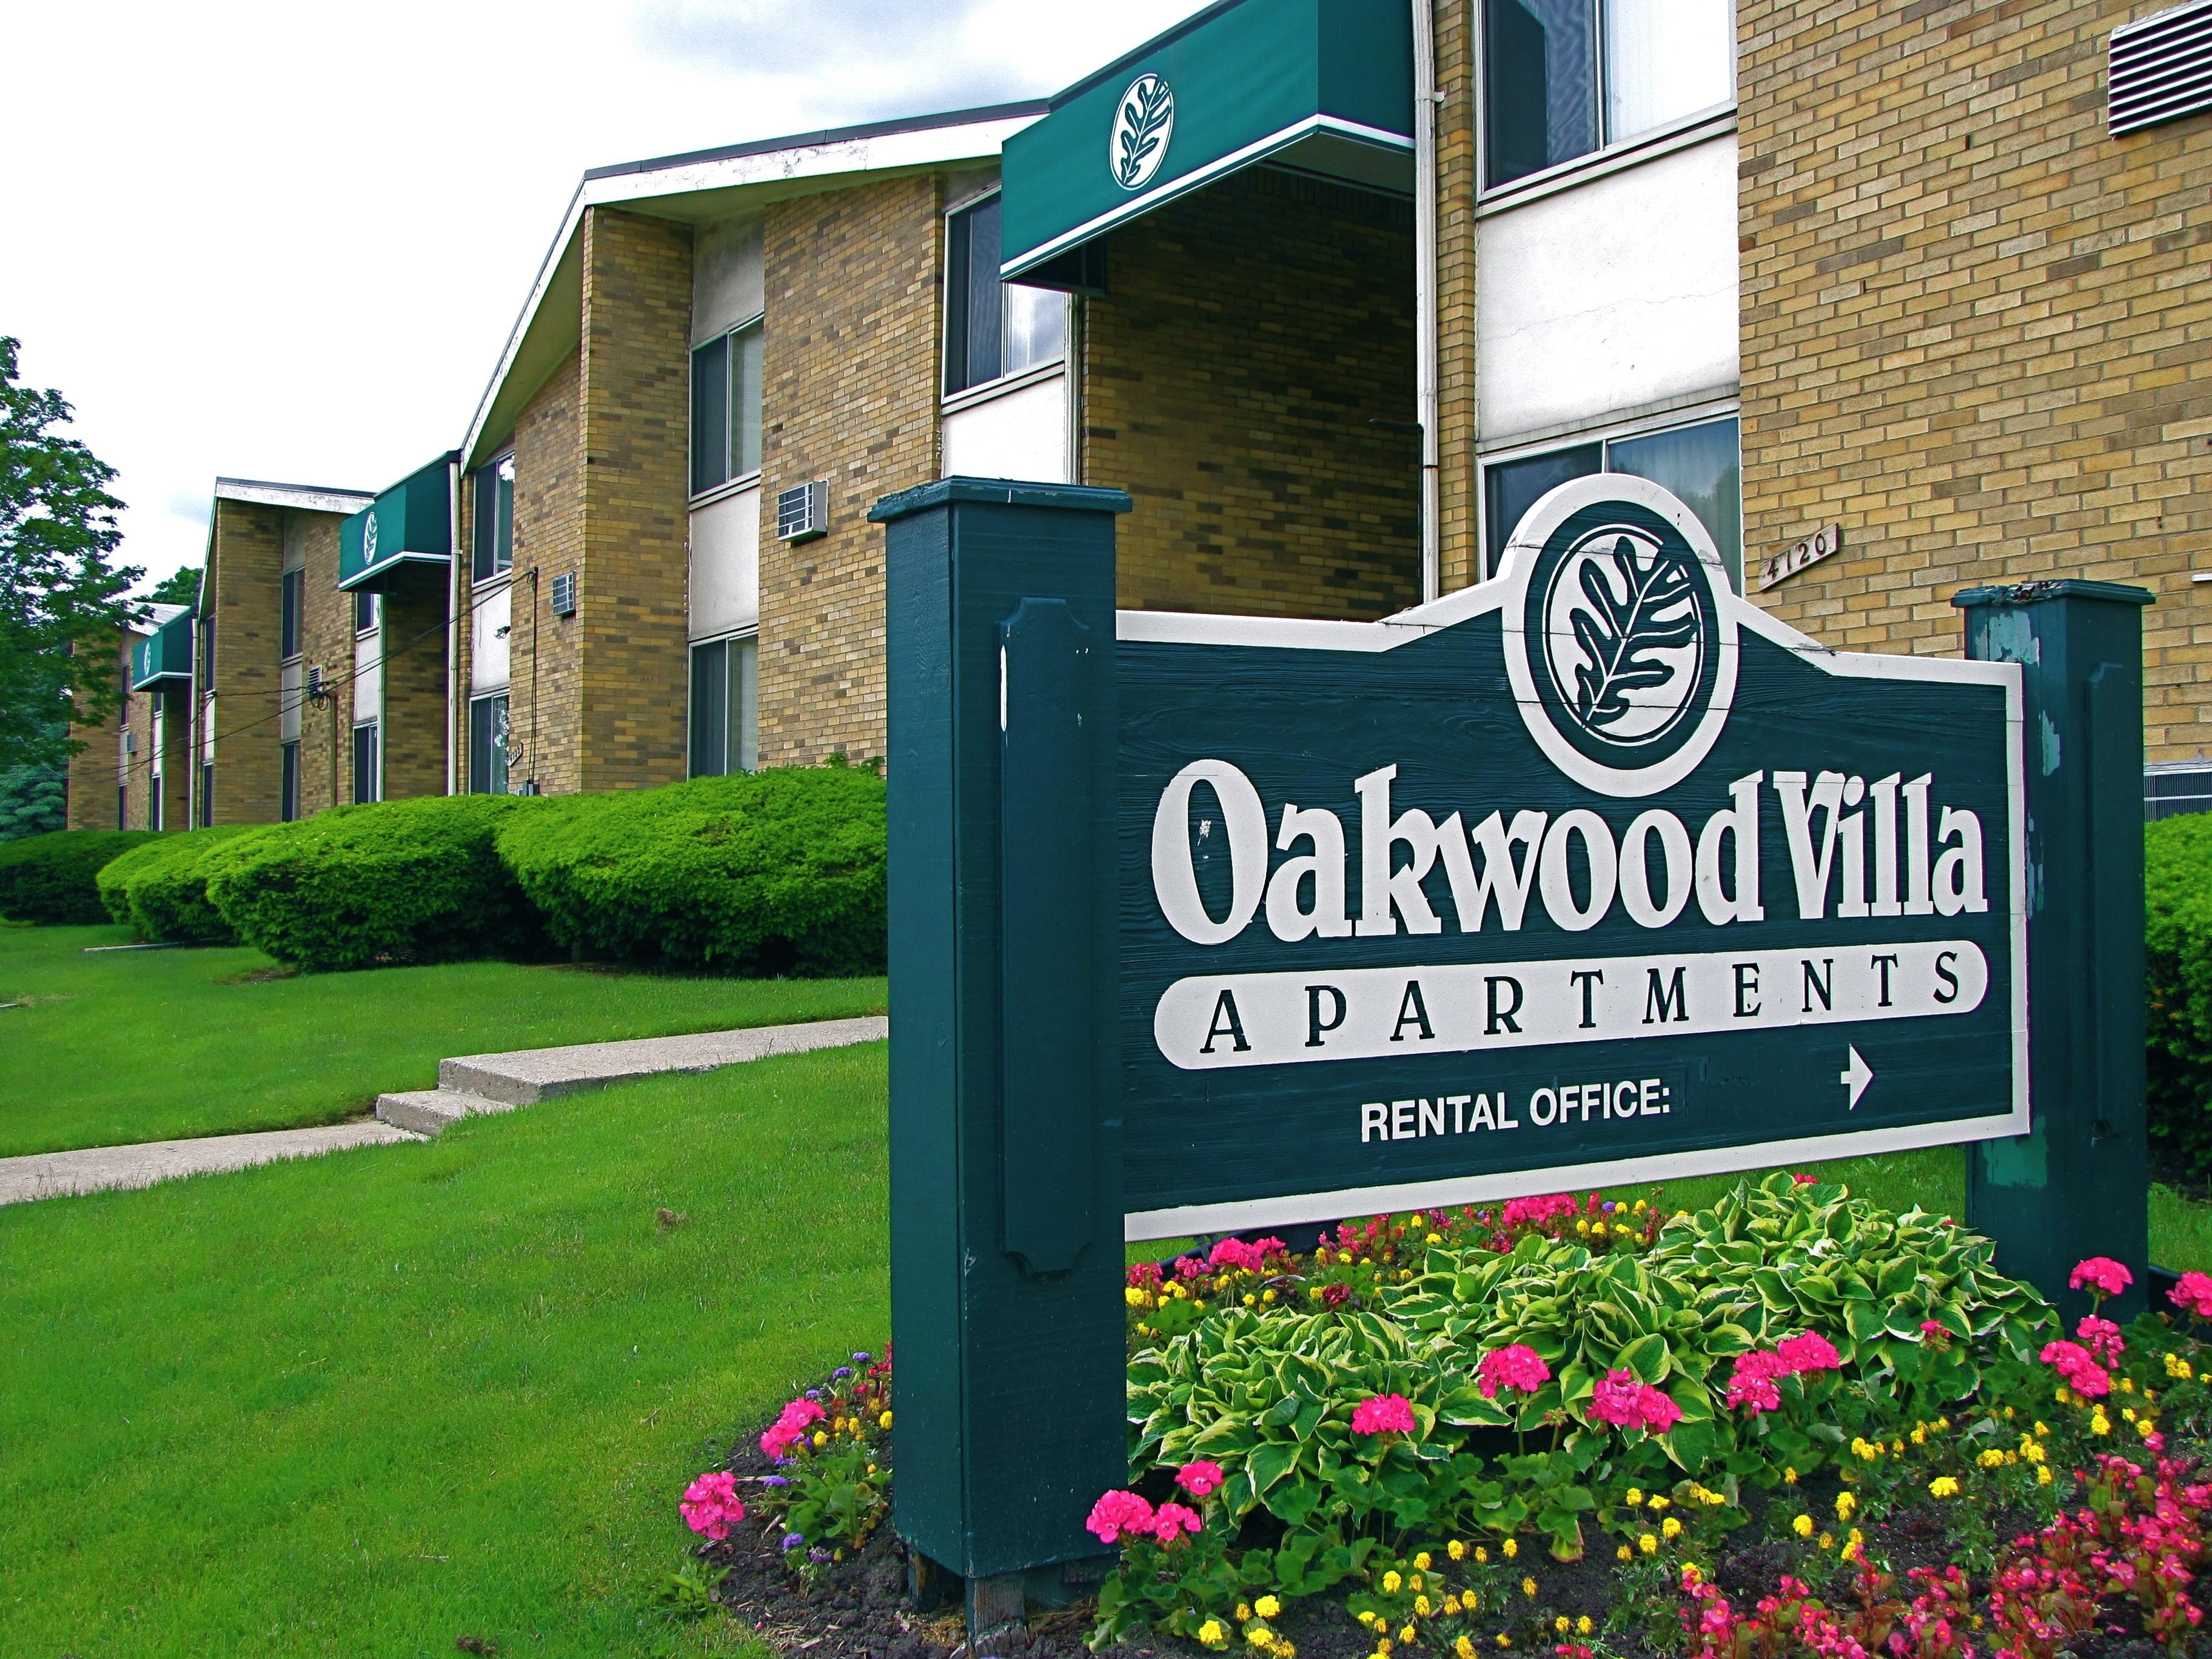 Oakwood Villa Apartments 4120 W 13 Mile Rd Royal Oak MI